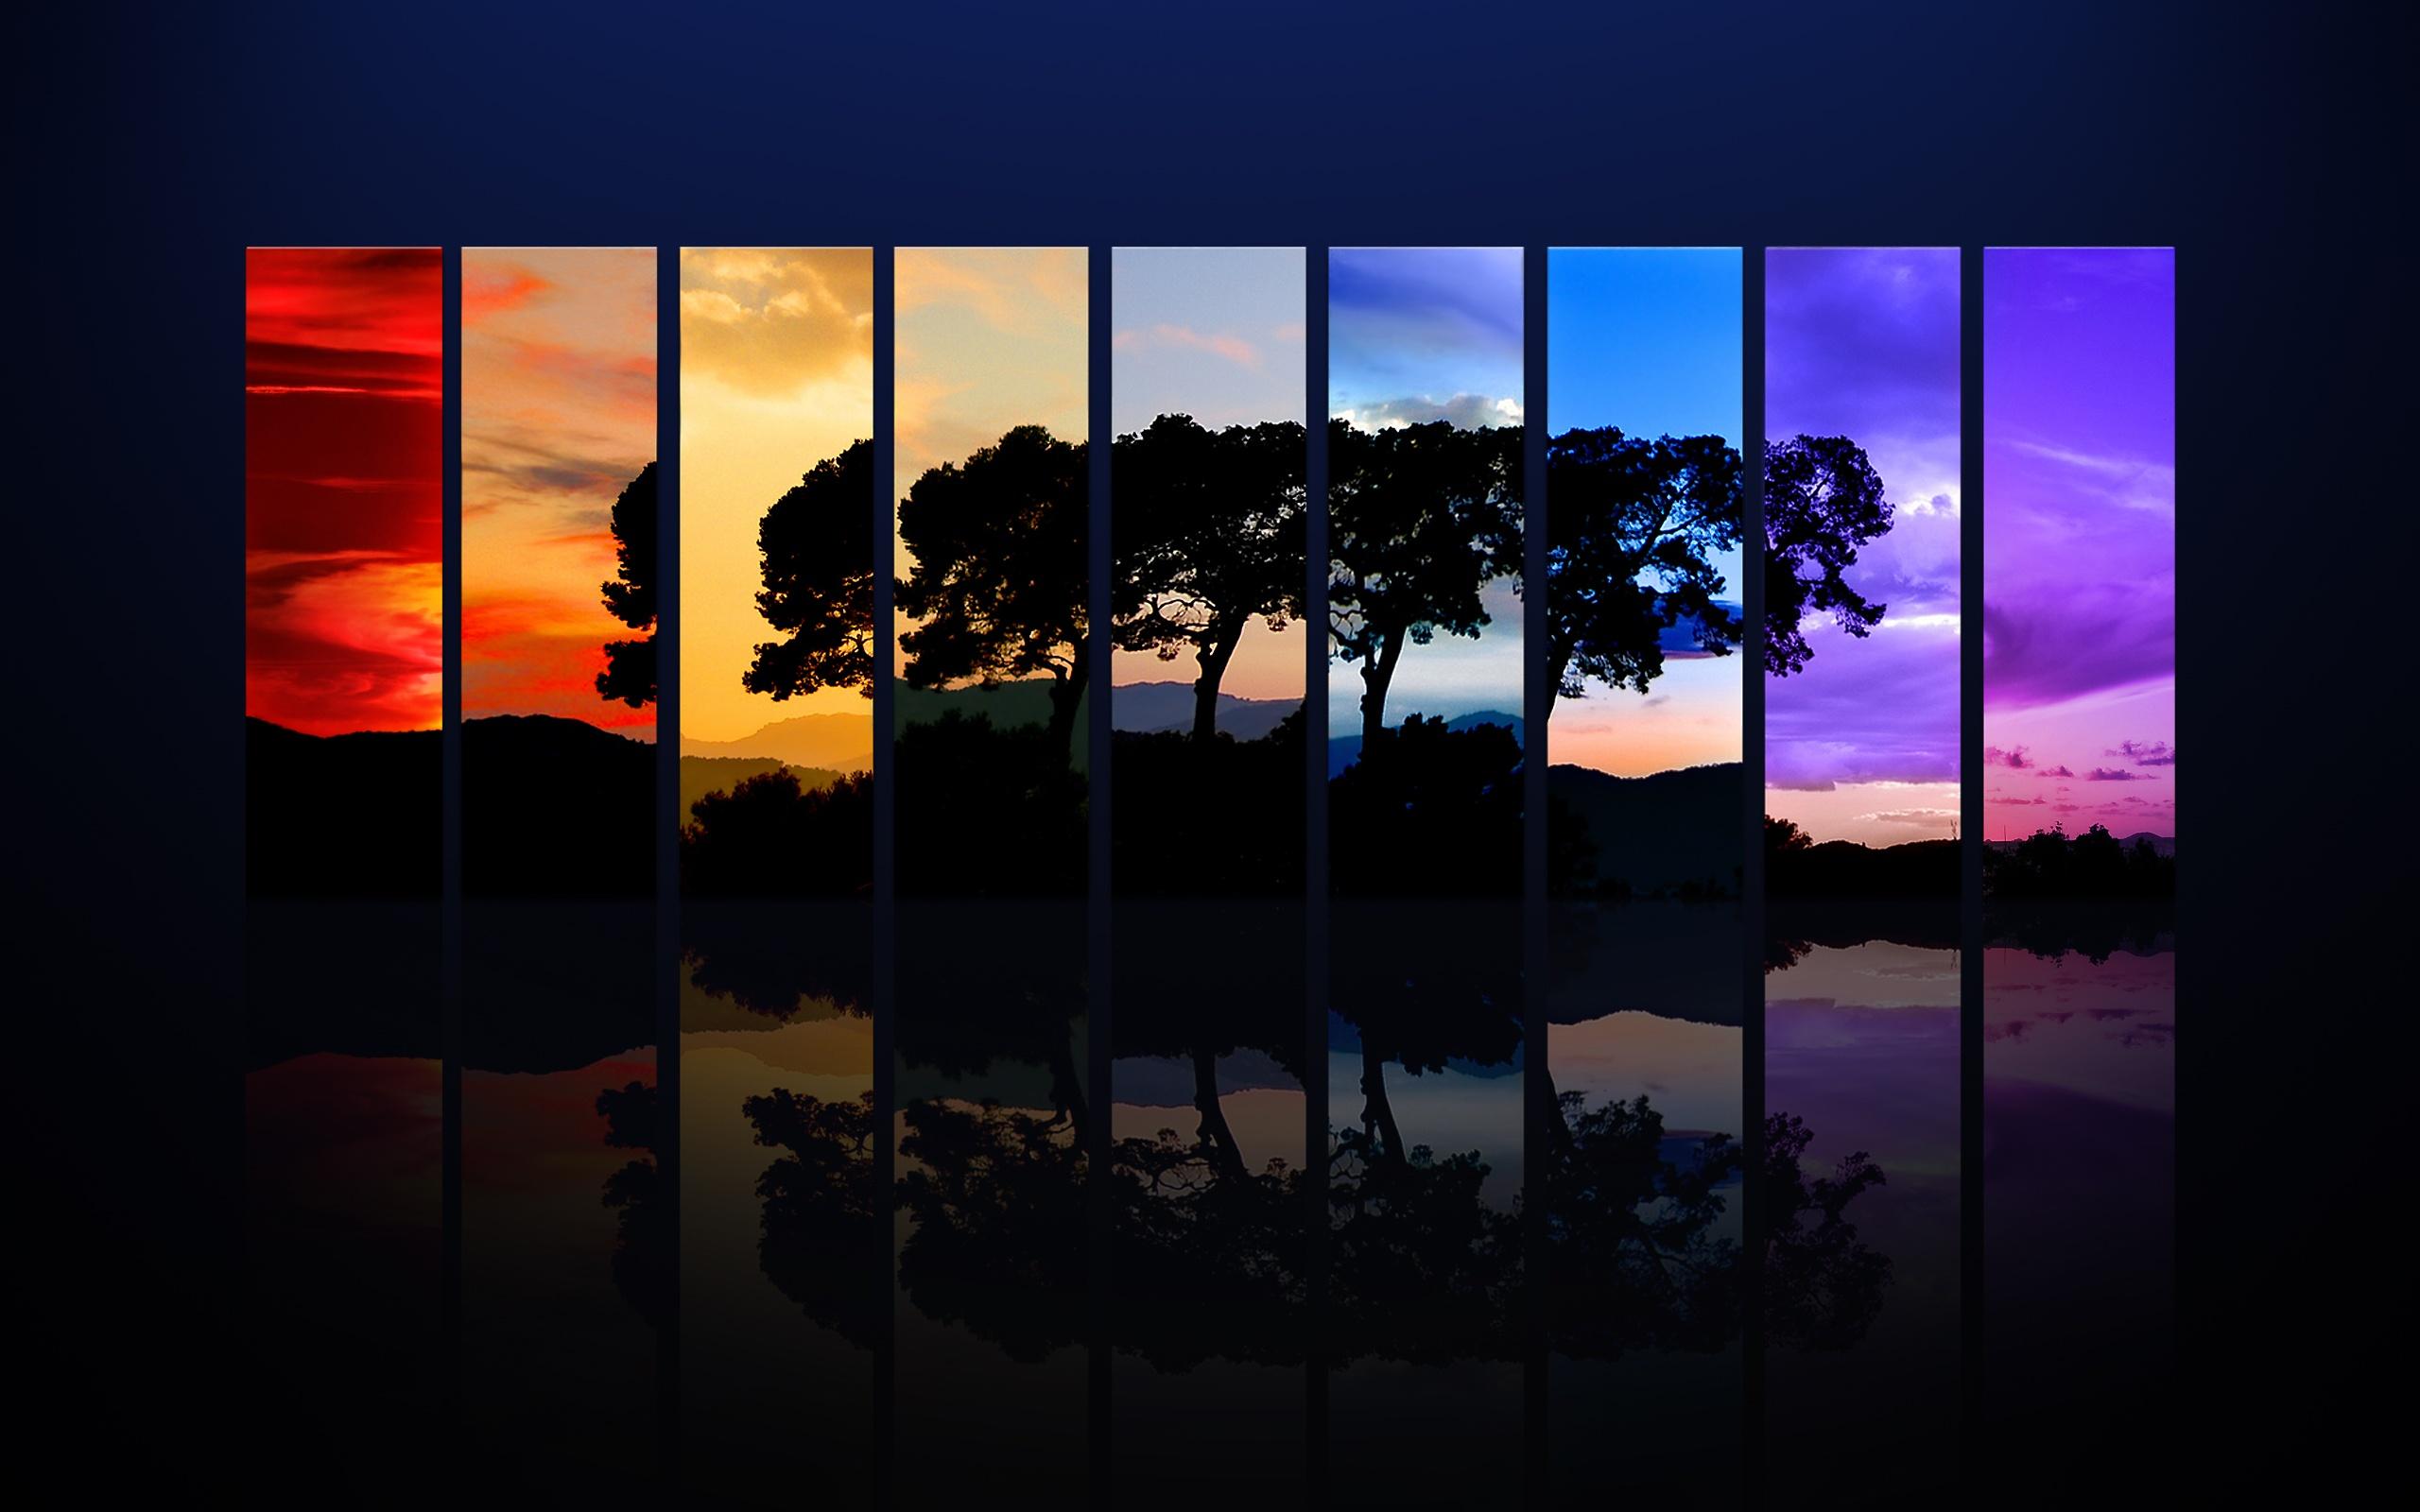 Zastaki.com - Спектр деревьев